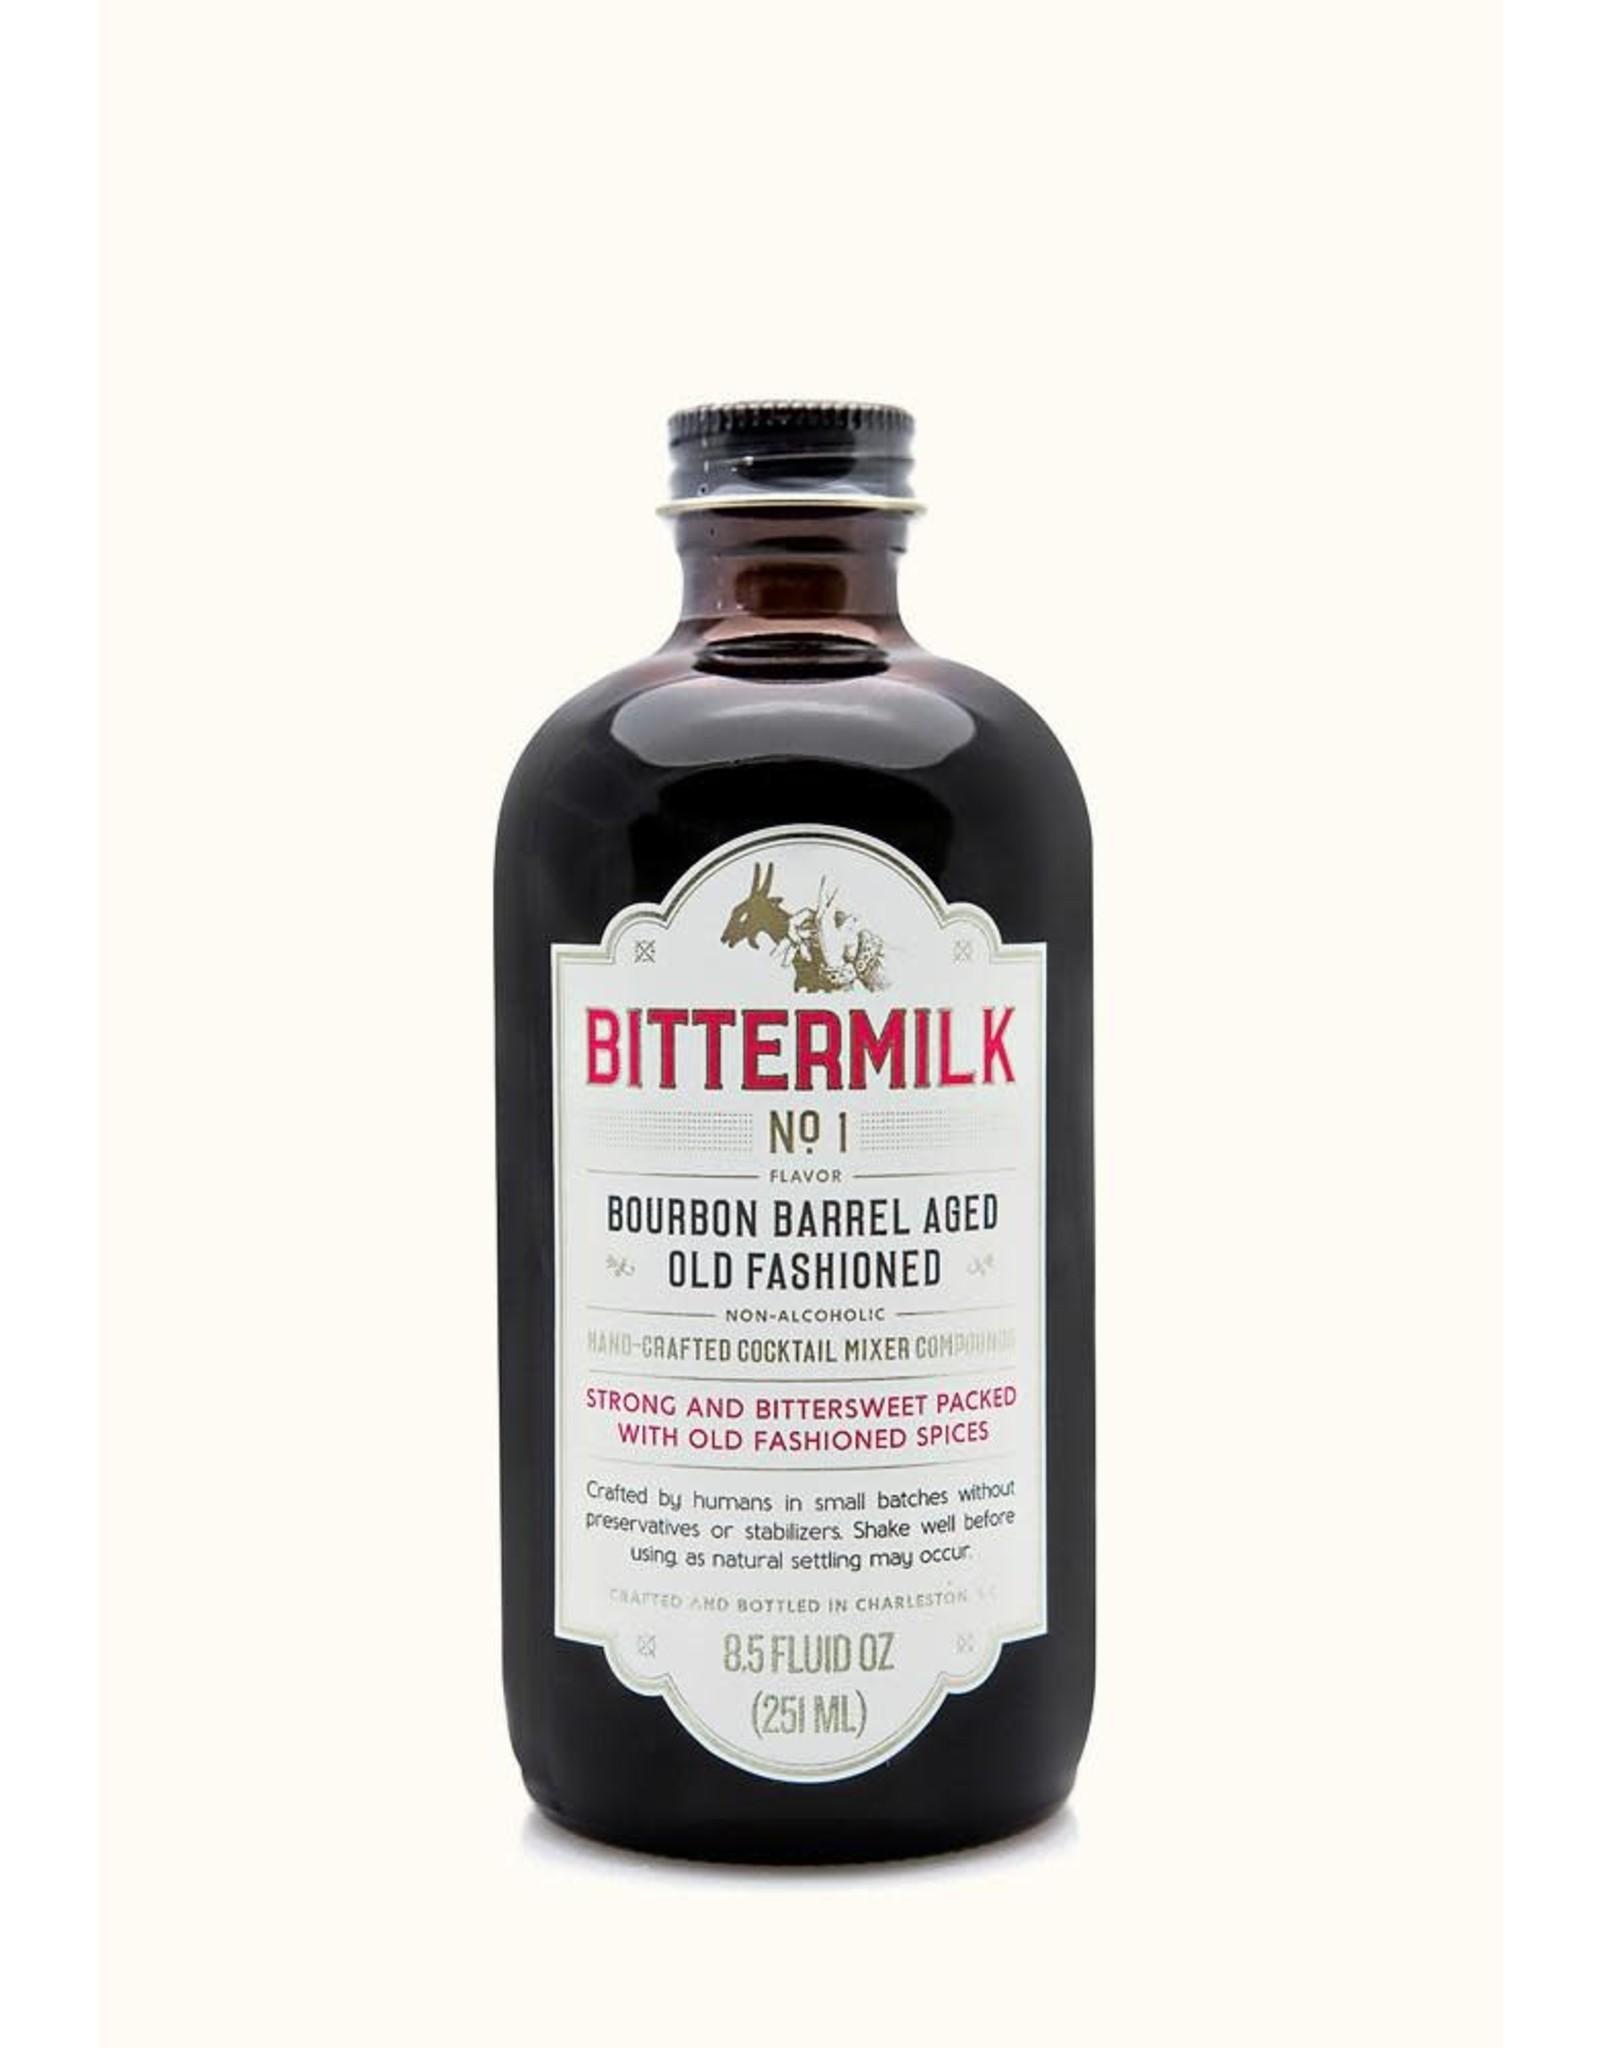 Bittermilk Bittermilk No. 1, Bourbon Barrel Aged Old Fashion